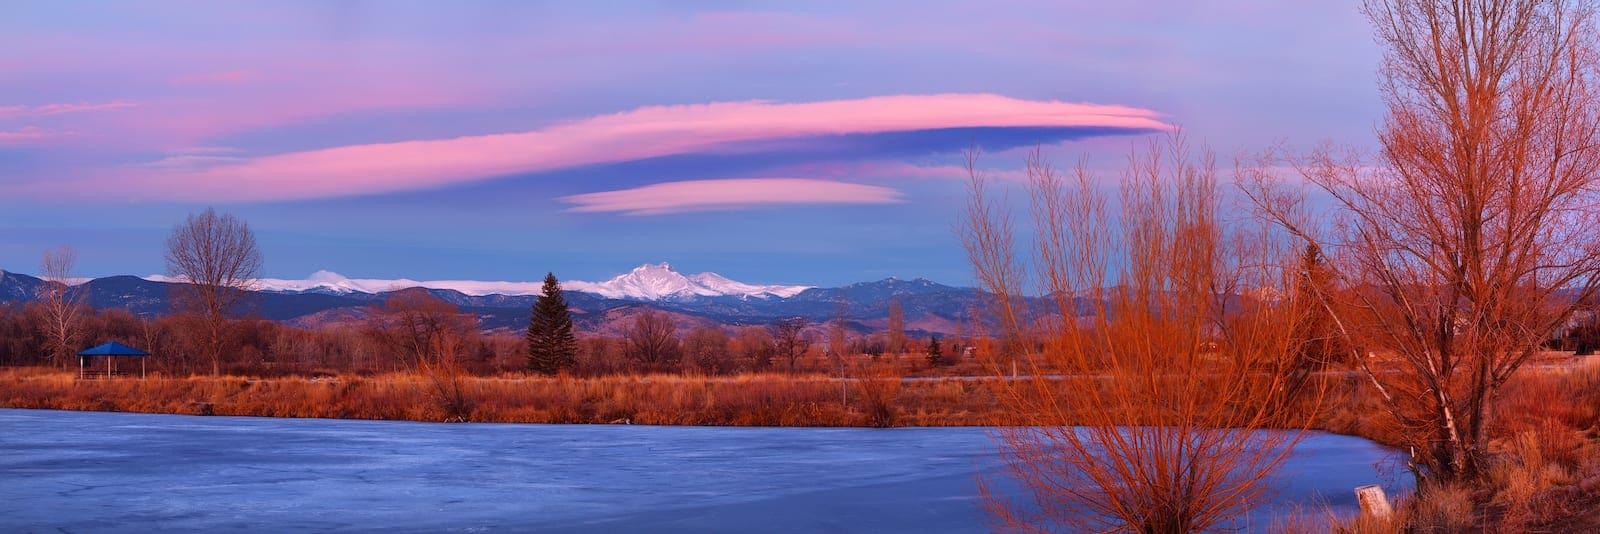 Golden Ponds Park Sunrise Longmont CO